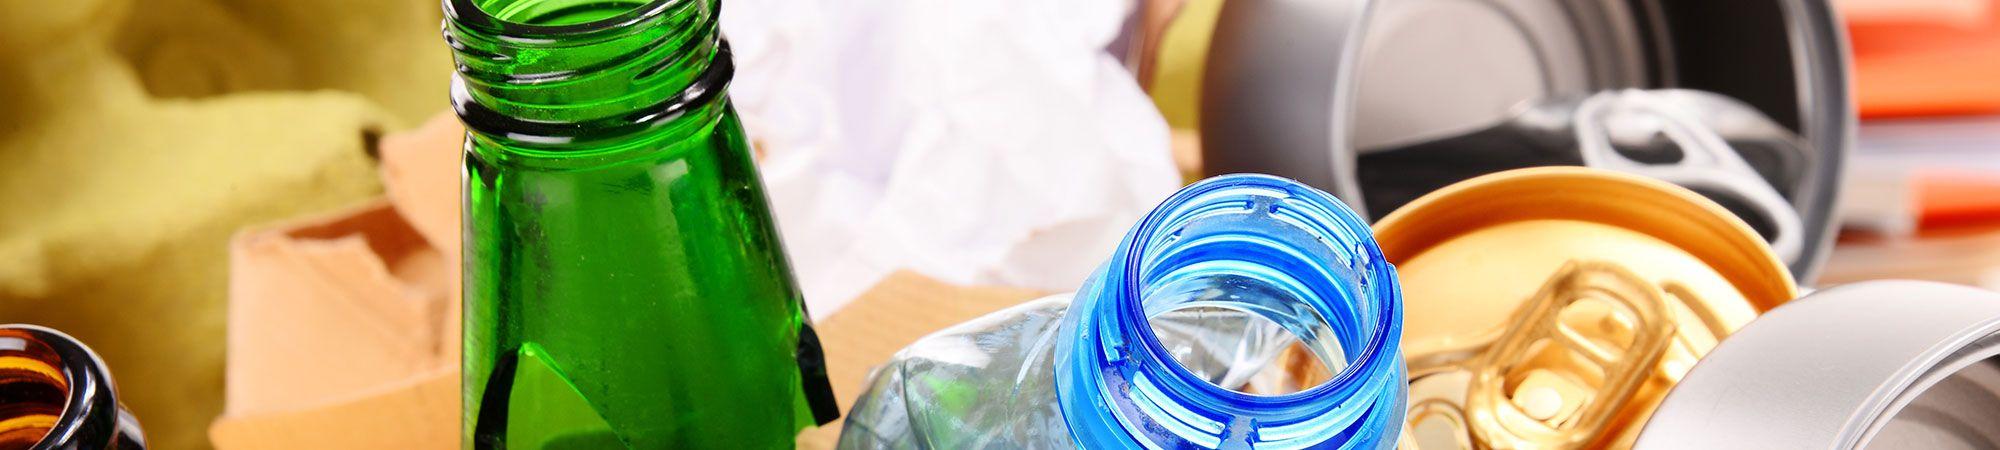 Abfalltransport und -entsorgung über Ihr eigenes Notifizierungsportal